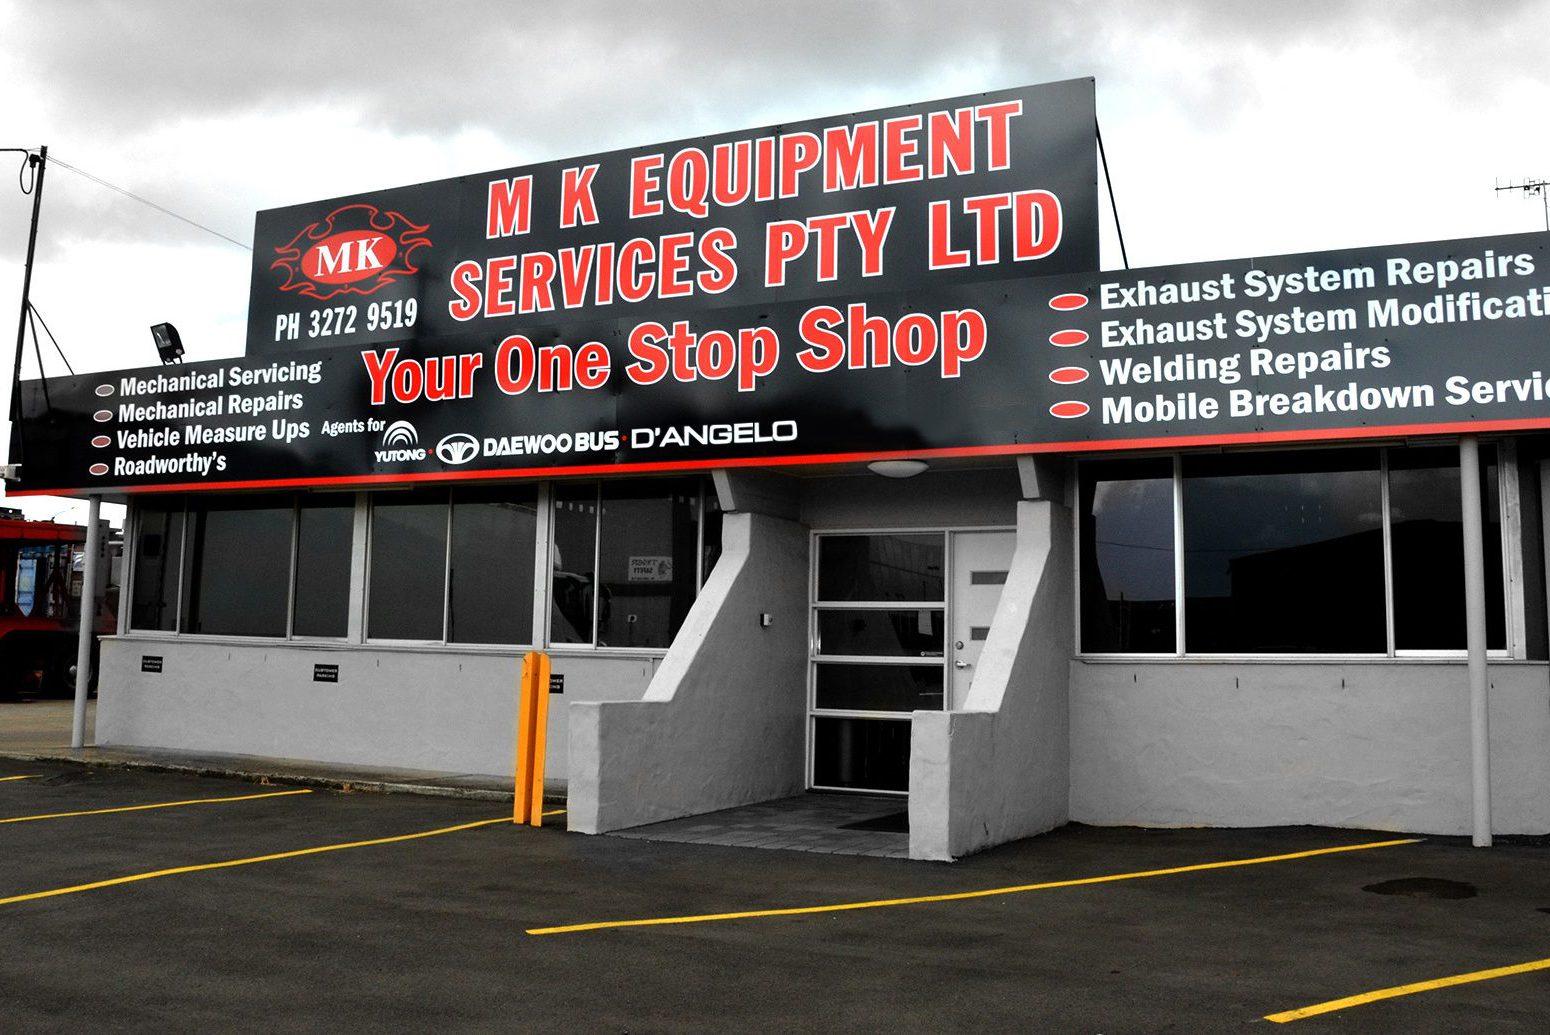 MK Equipments